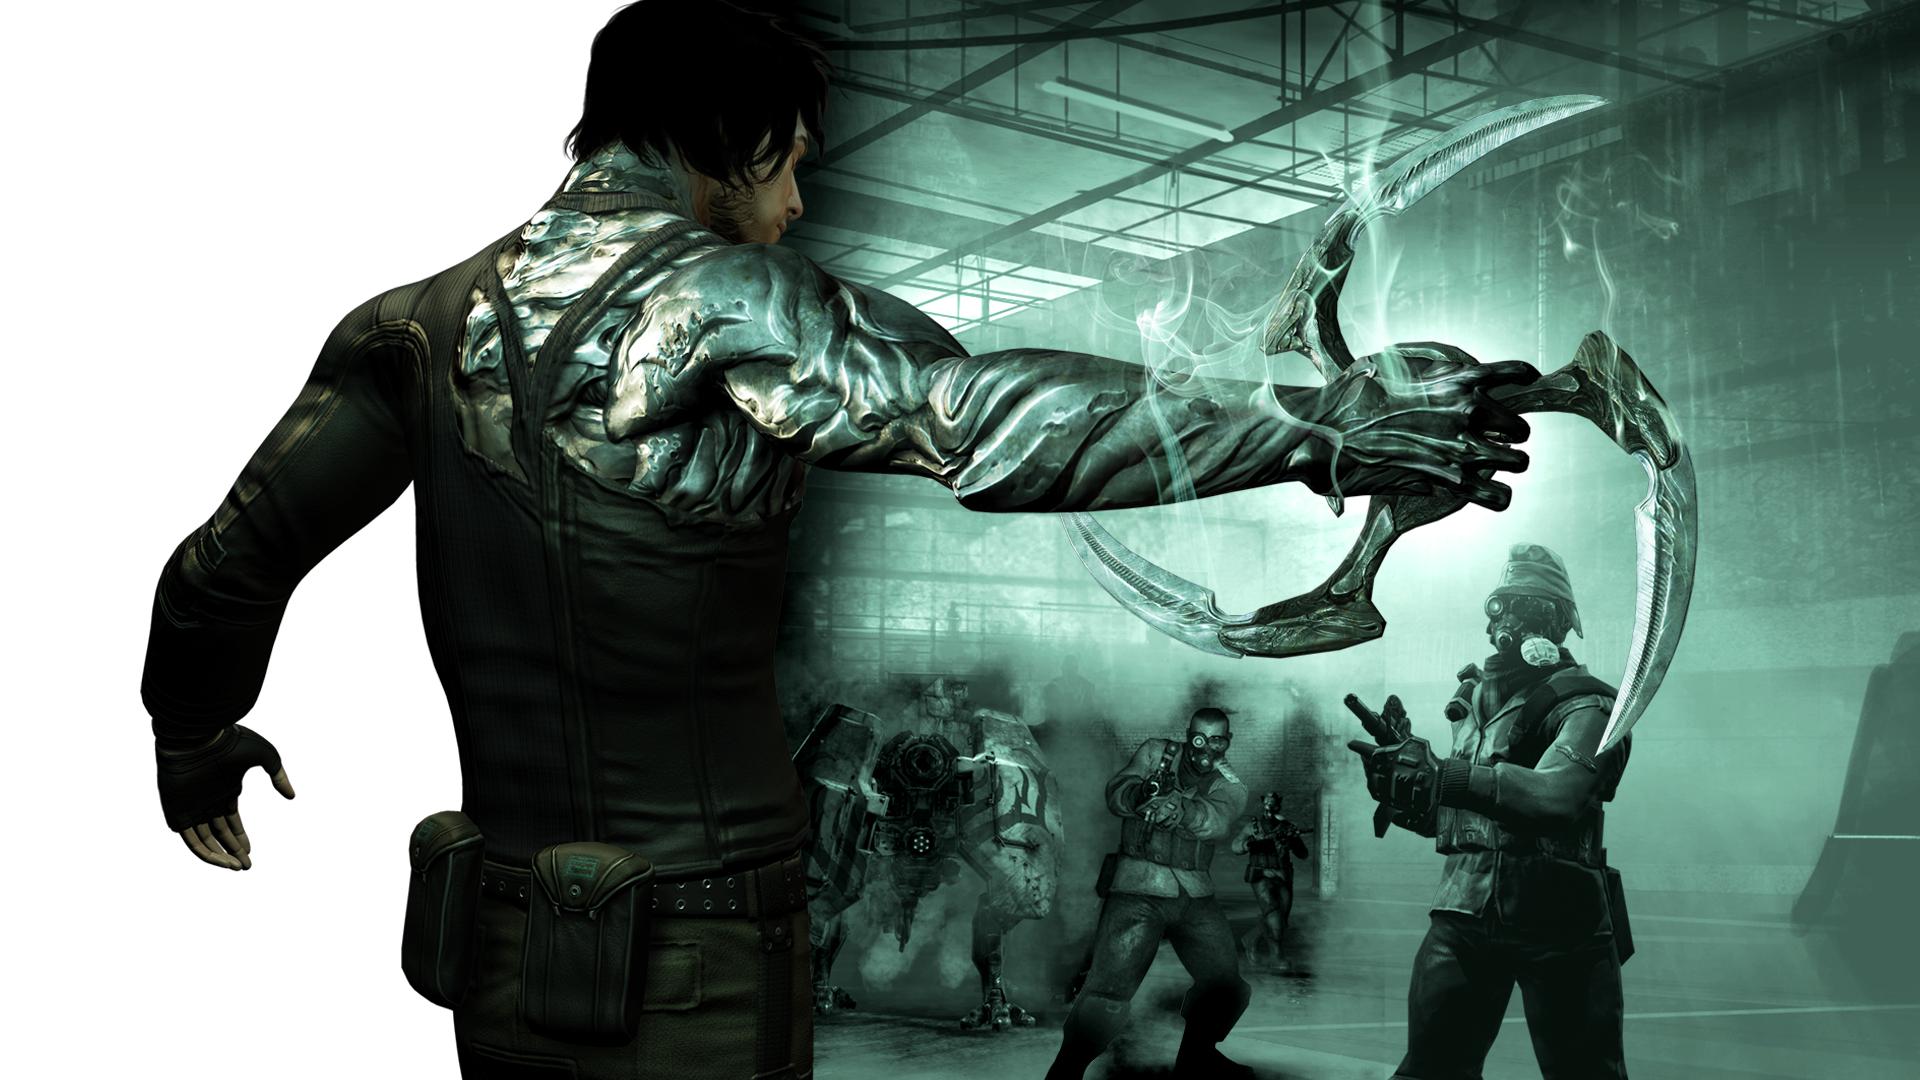 скачать игру dark sector 2 через торрент